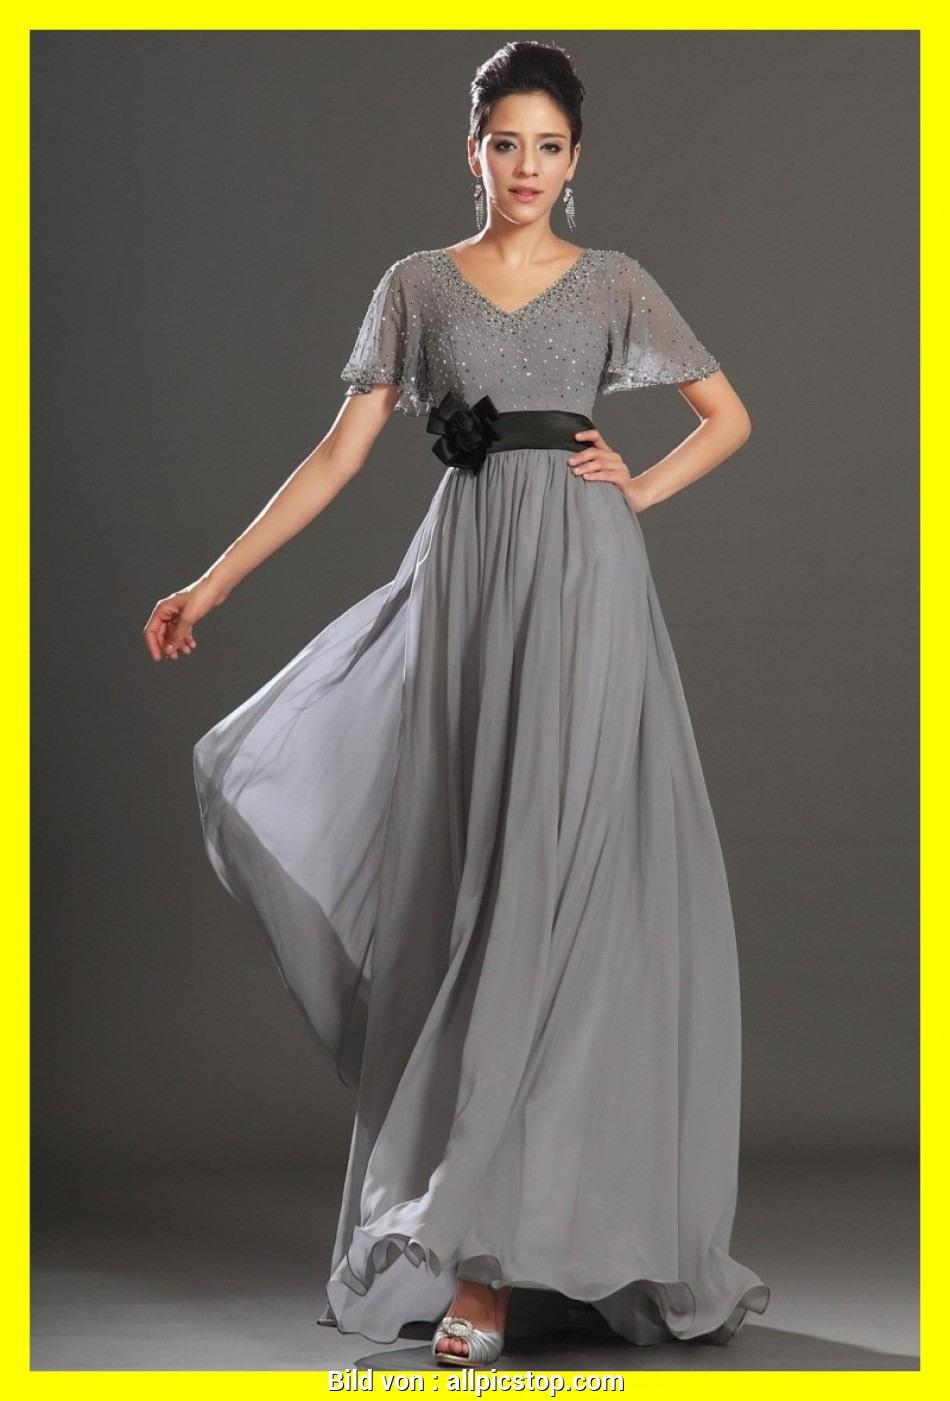 Designer Genial Abendkleid C&A Ärmel13 Perfekt Abendkleid C&A Stylish